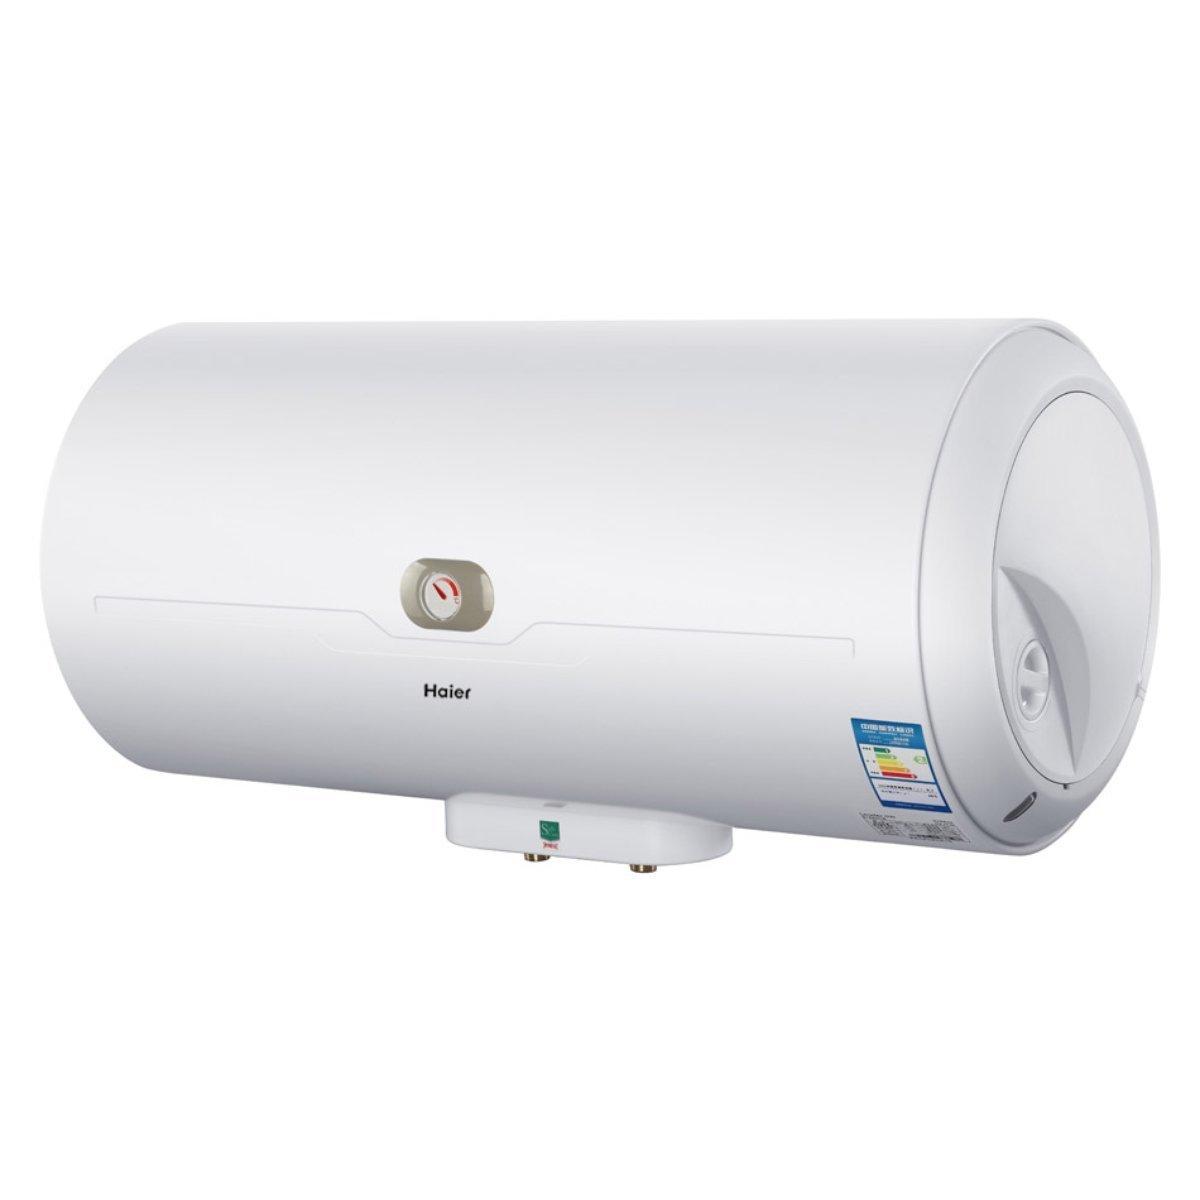 Điện gia dụng chính hãng   Hale Hale điện nước nóng es50h C5 (EC) 50 lít trong trường hợp điện công